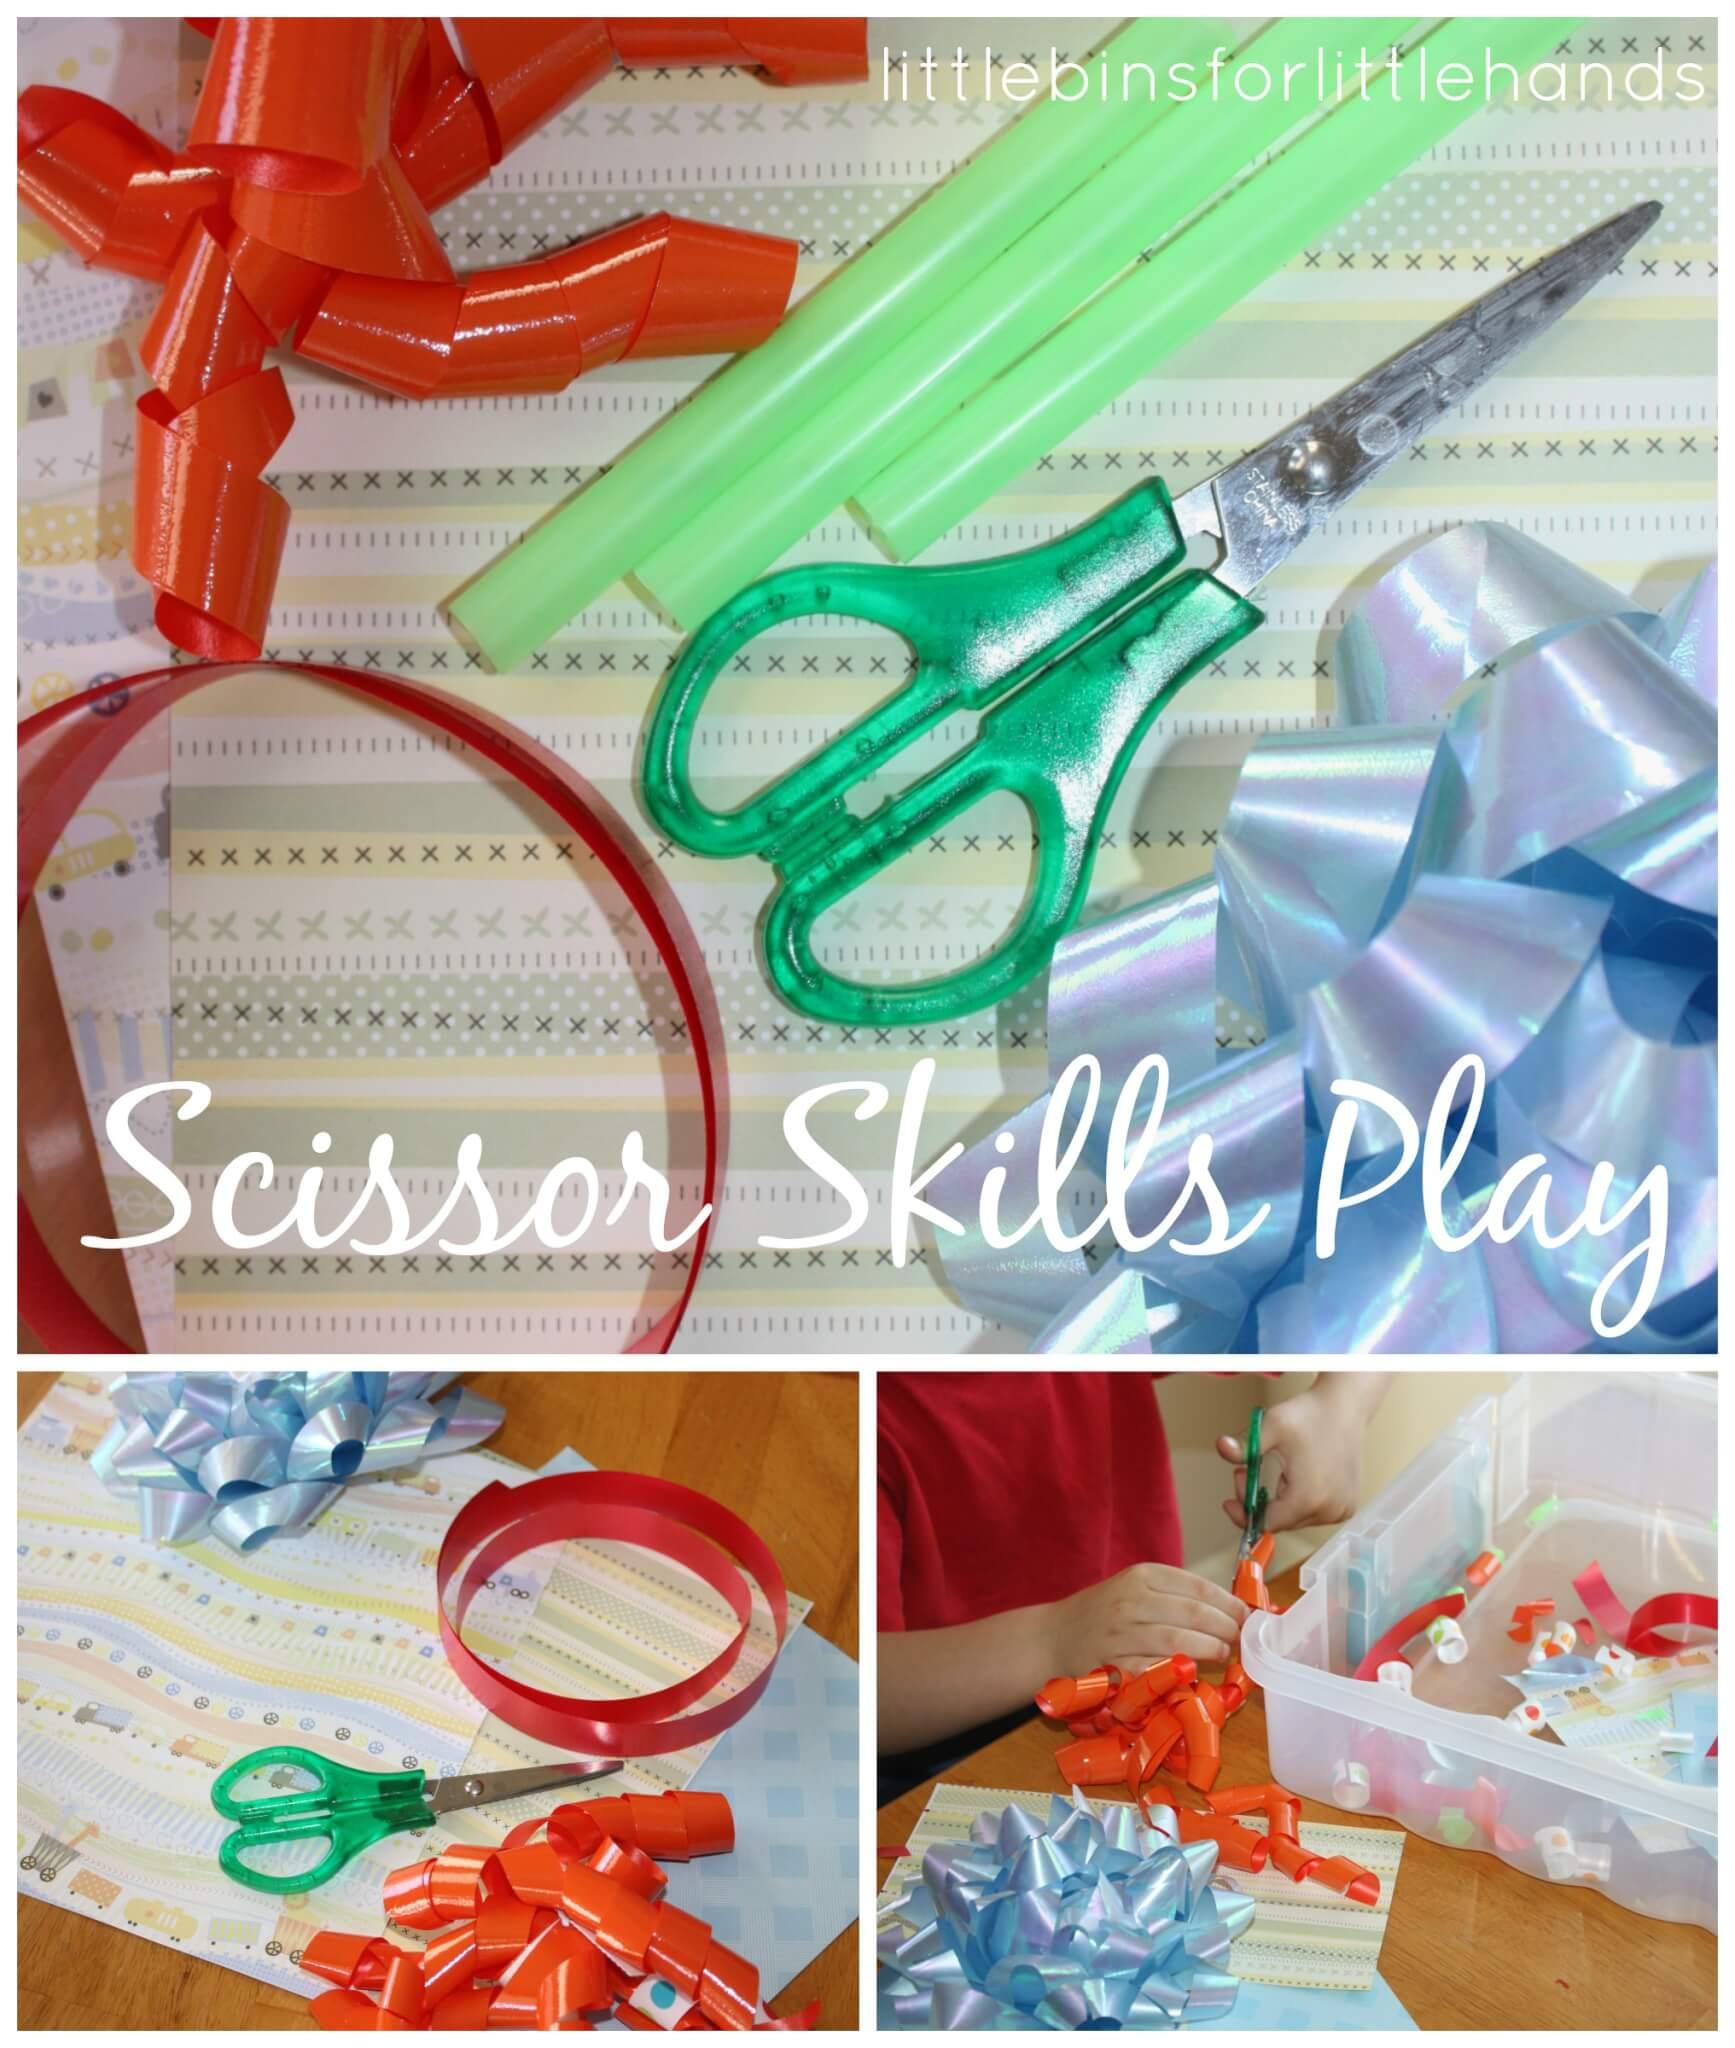 Scissor Activities Cutting Practice For Kids